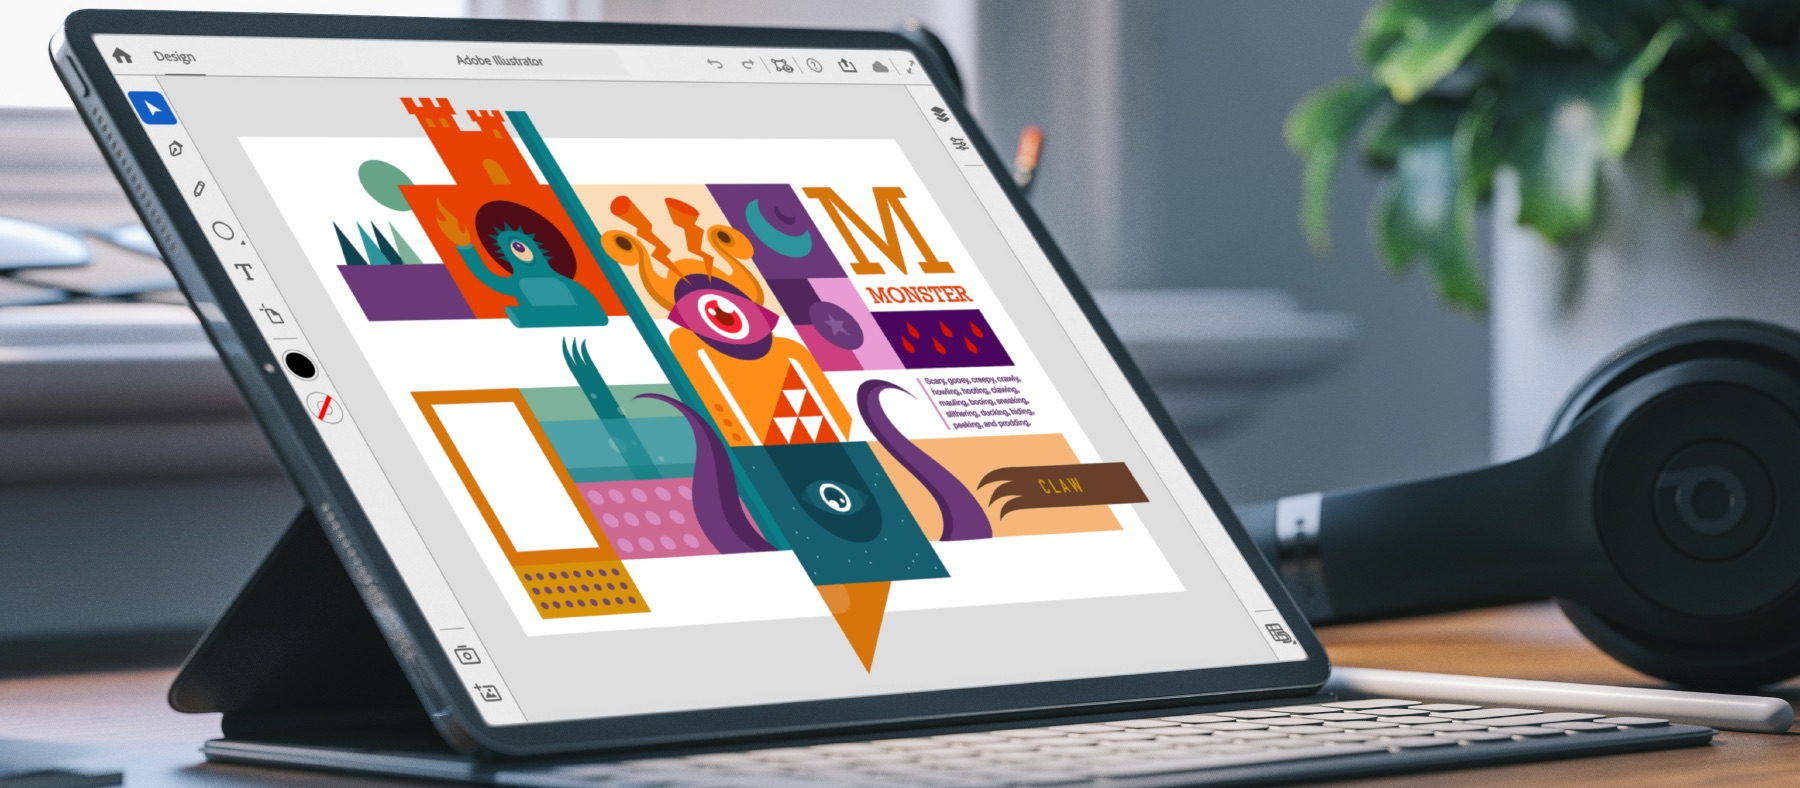 Illustrator for iPad ilmestyy vuonna 2020, ja Adobe on alkanut kutsua käyttäjiä testaamaan sovelluksen beetaversio 1